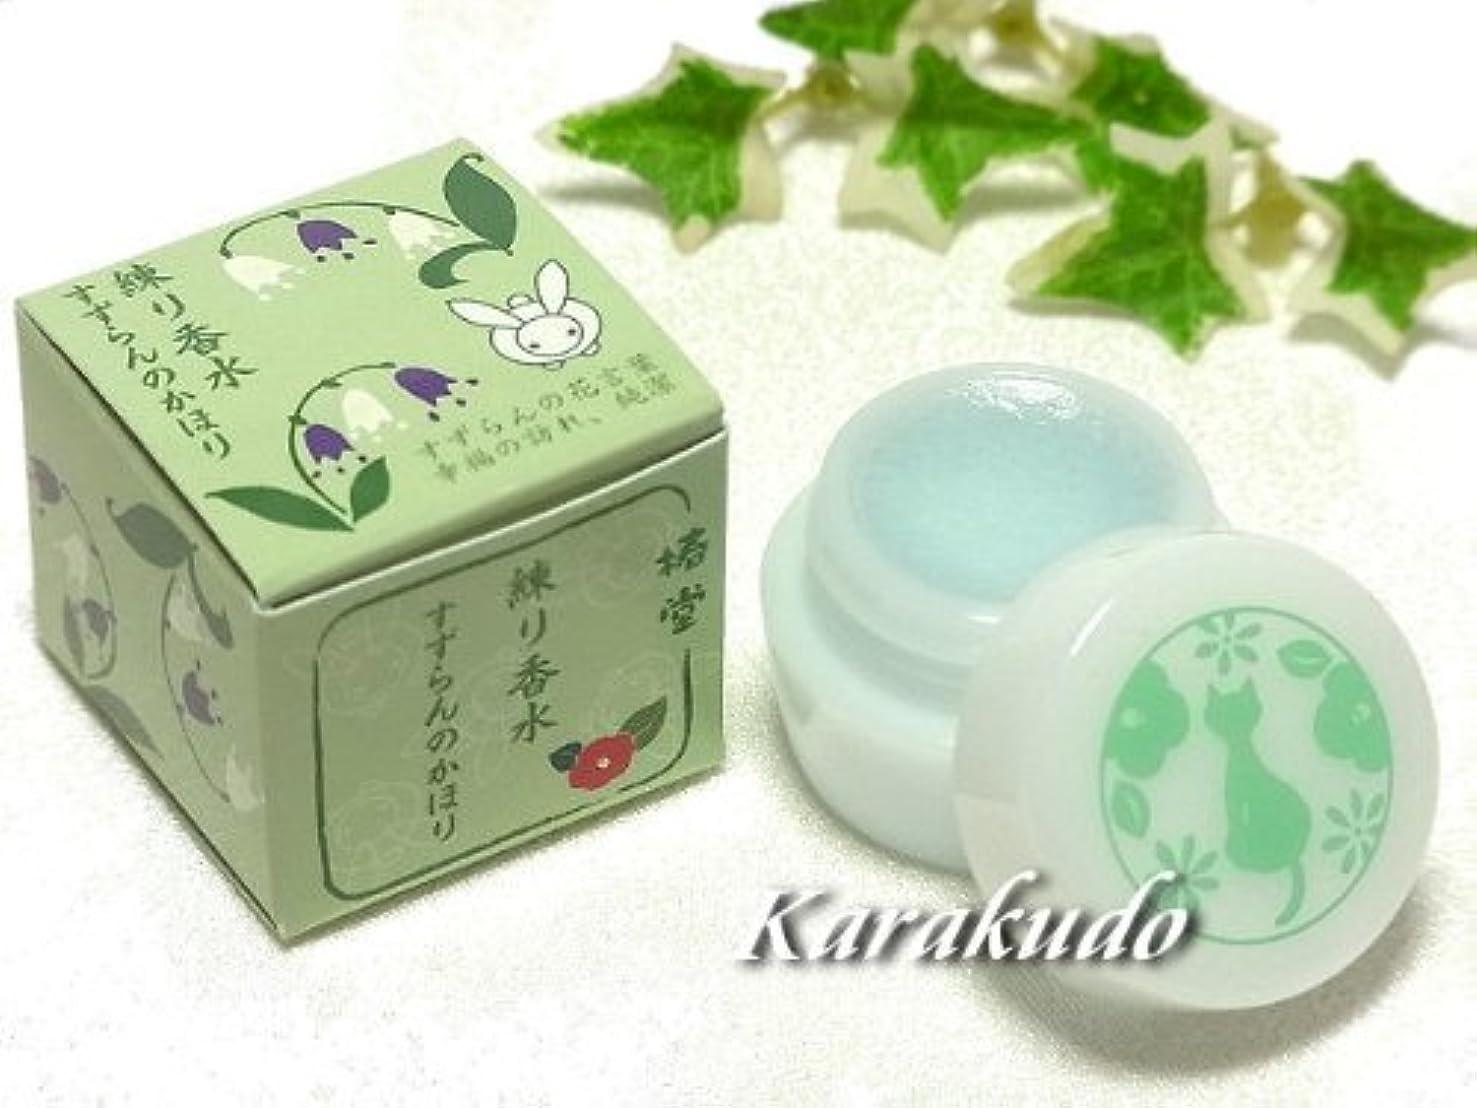 感動するパテ厳しい【京都くろちく】【プチ練り香水】椿堂 練り香水 すずらん